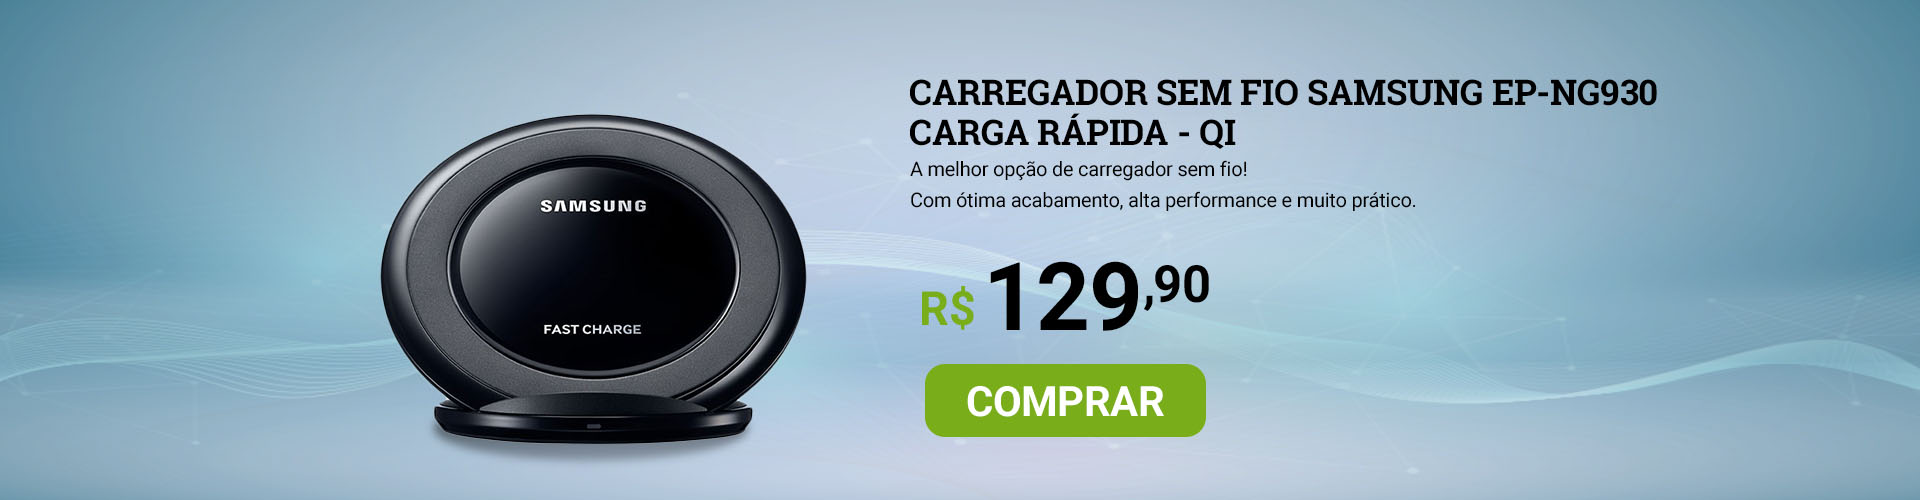 SuperOff - Carregador Sem Fio Samsung